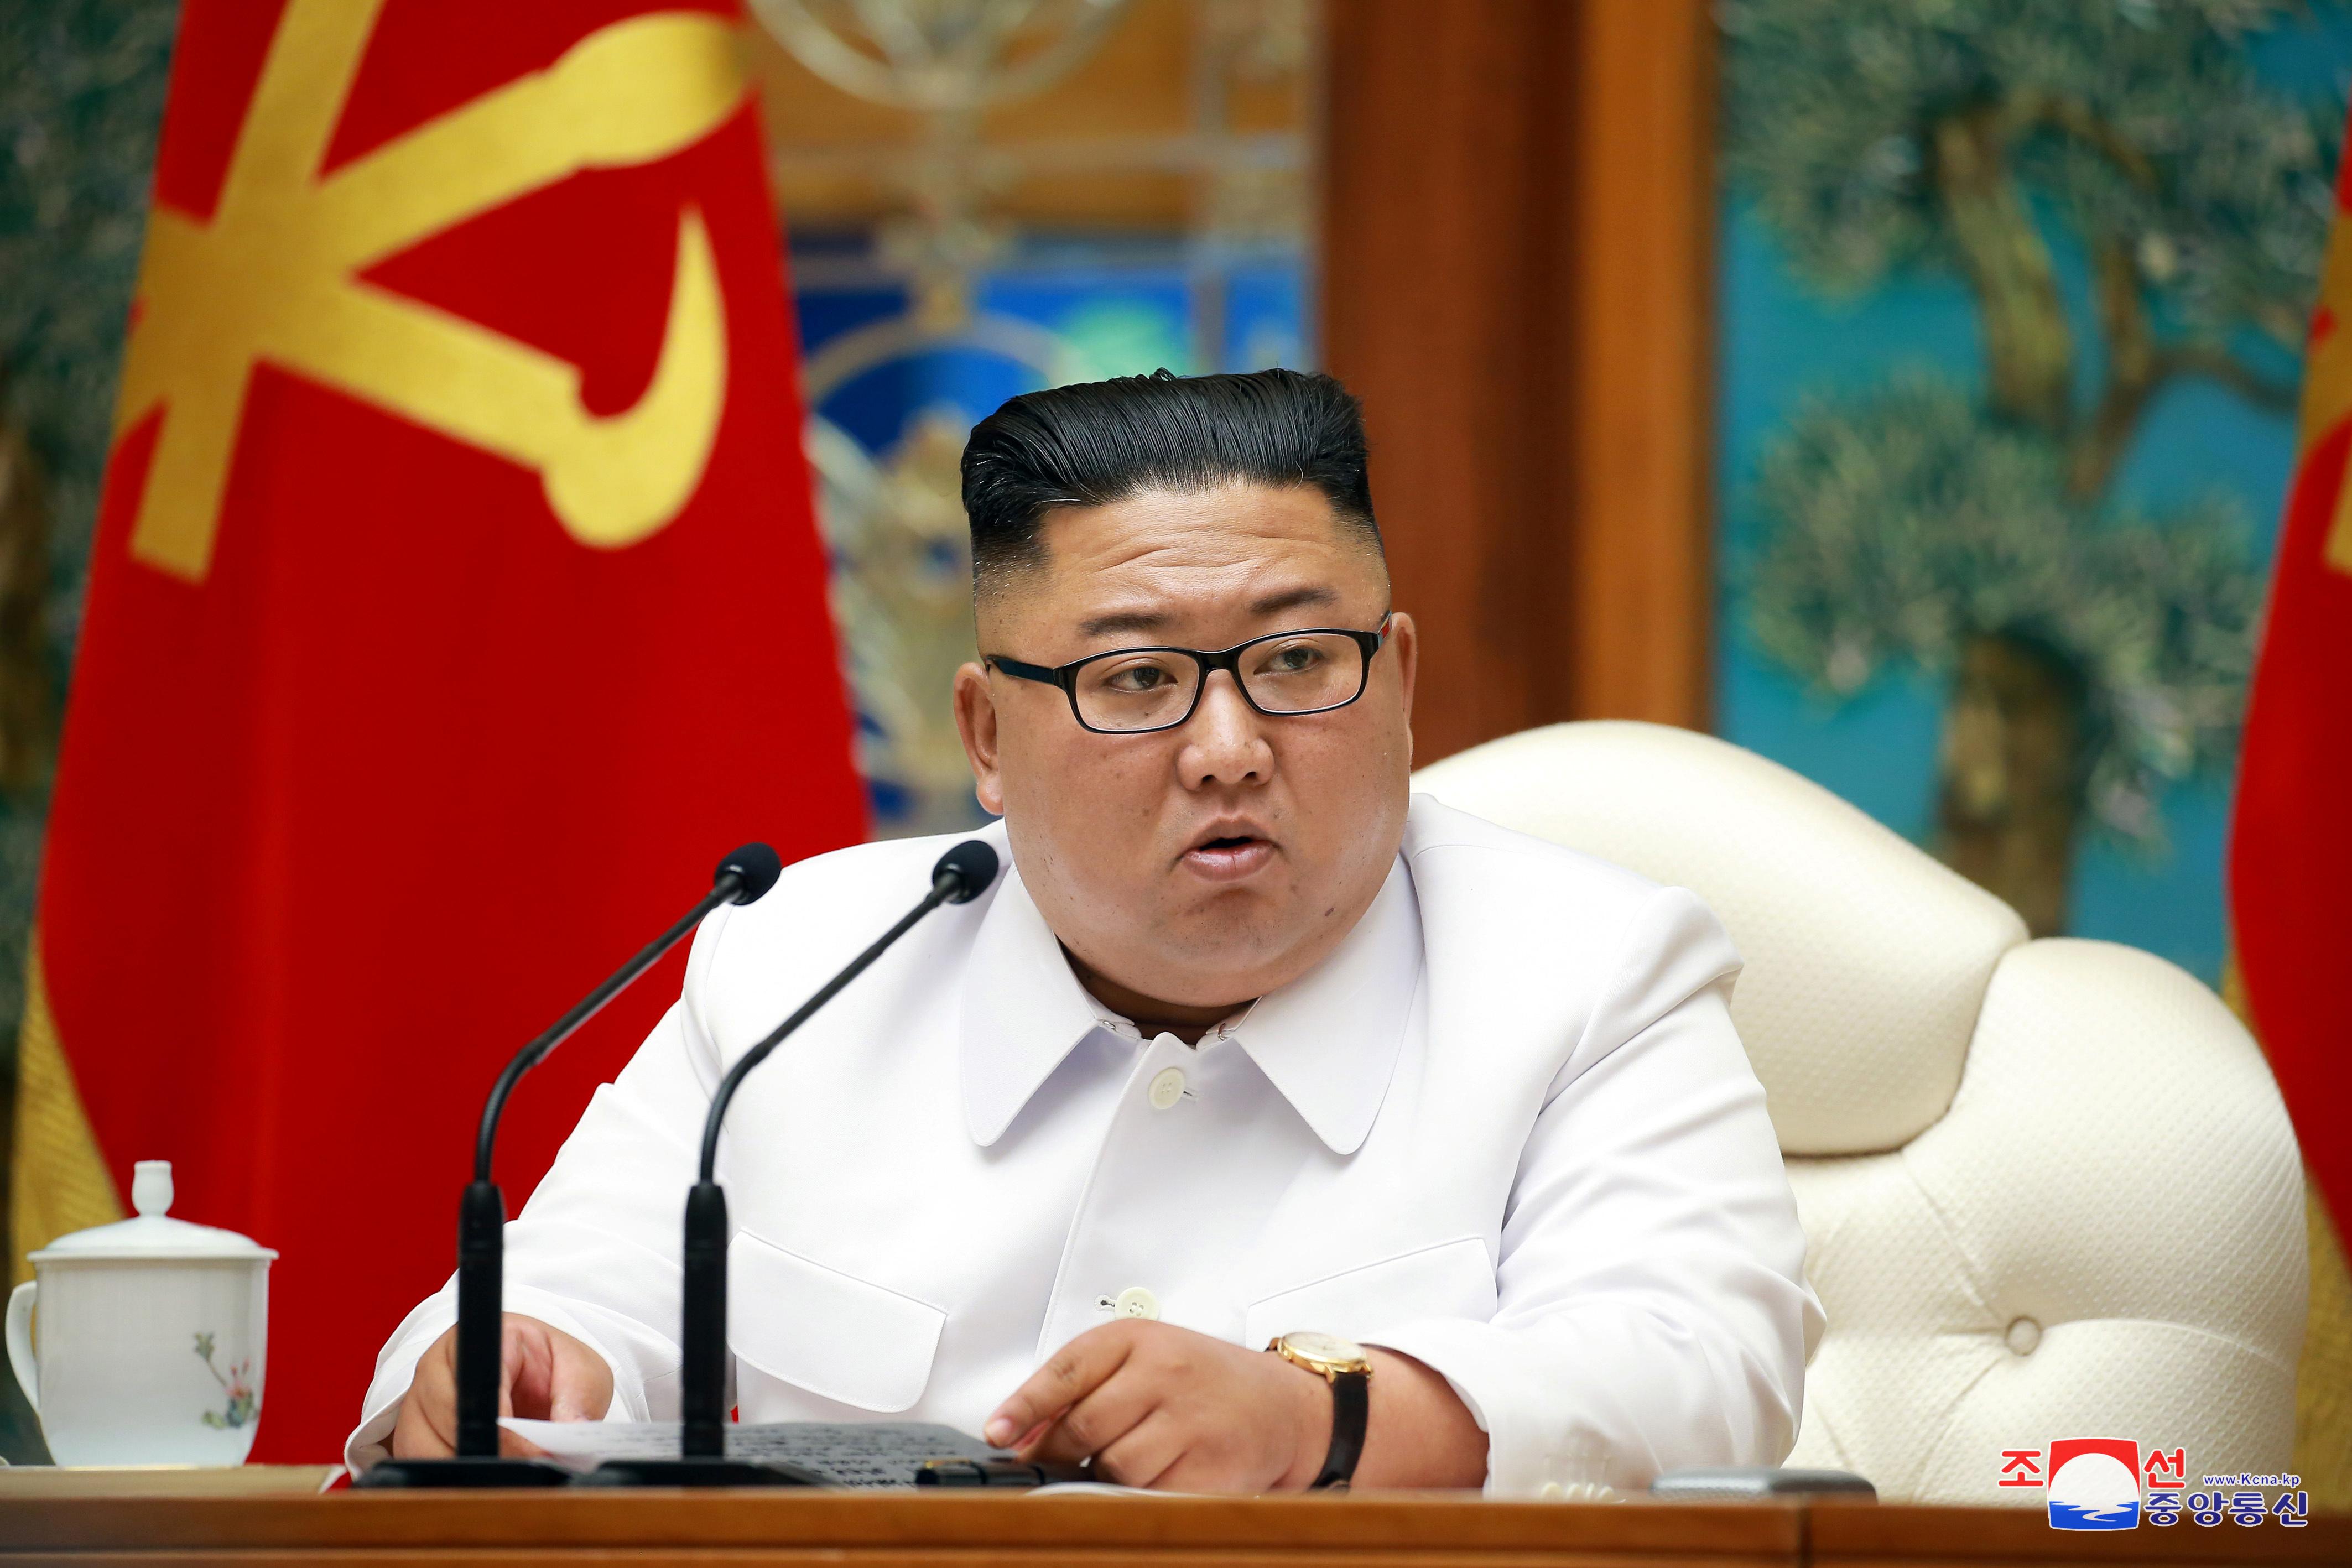 """СМИ: Ким Чен Ын в своих письмах называет Трампа """"Ваше превосходительство"""""""